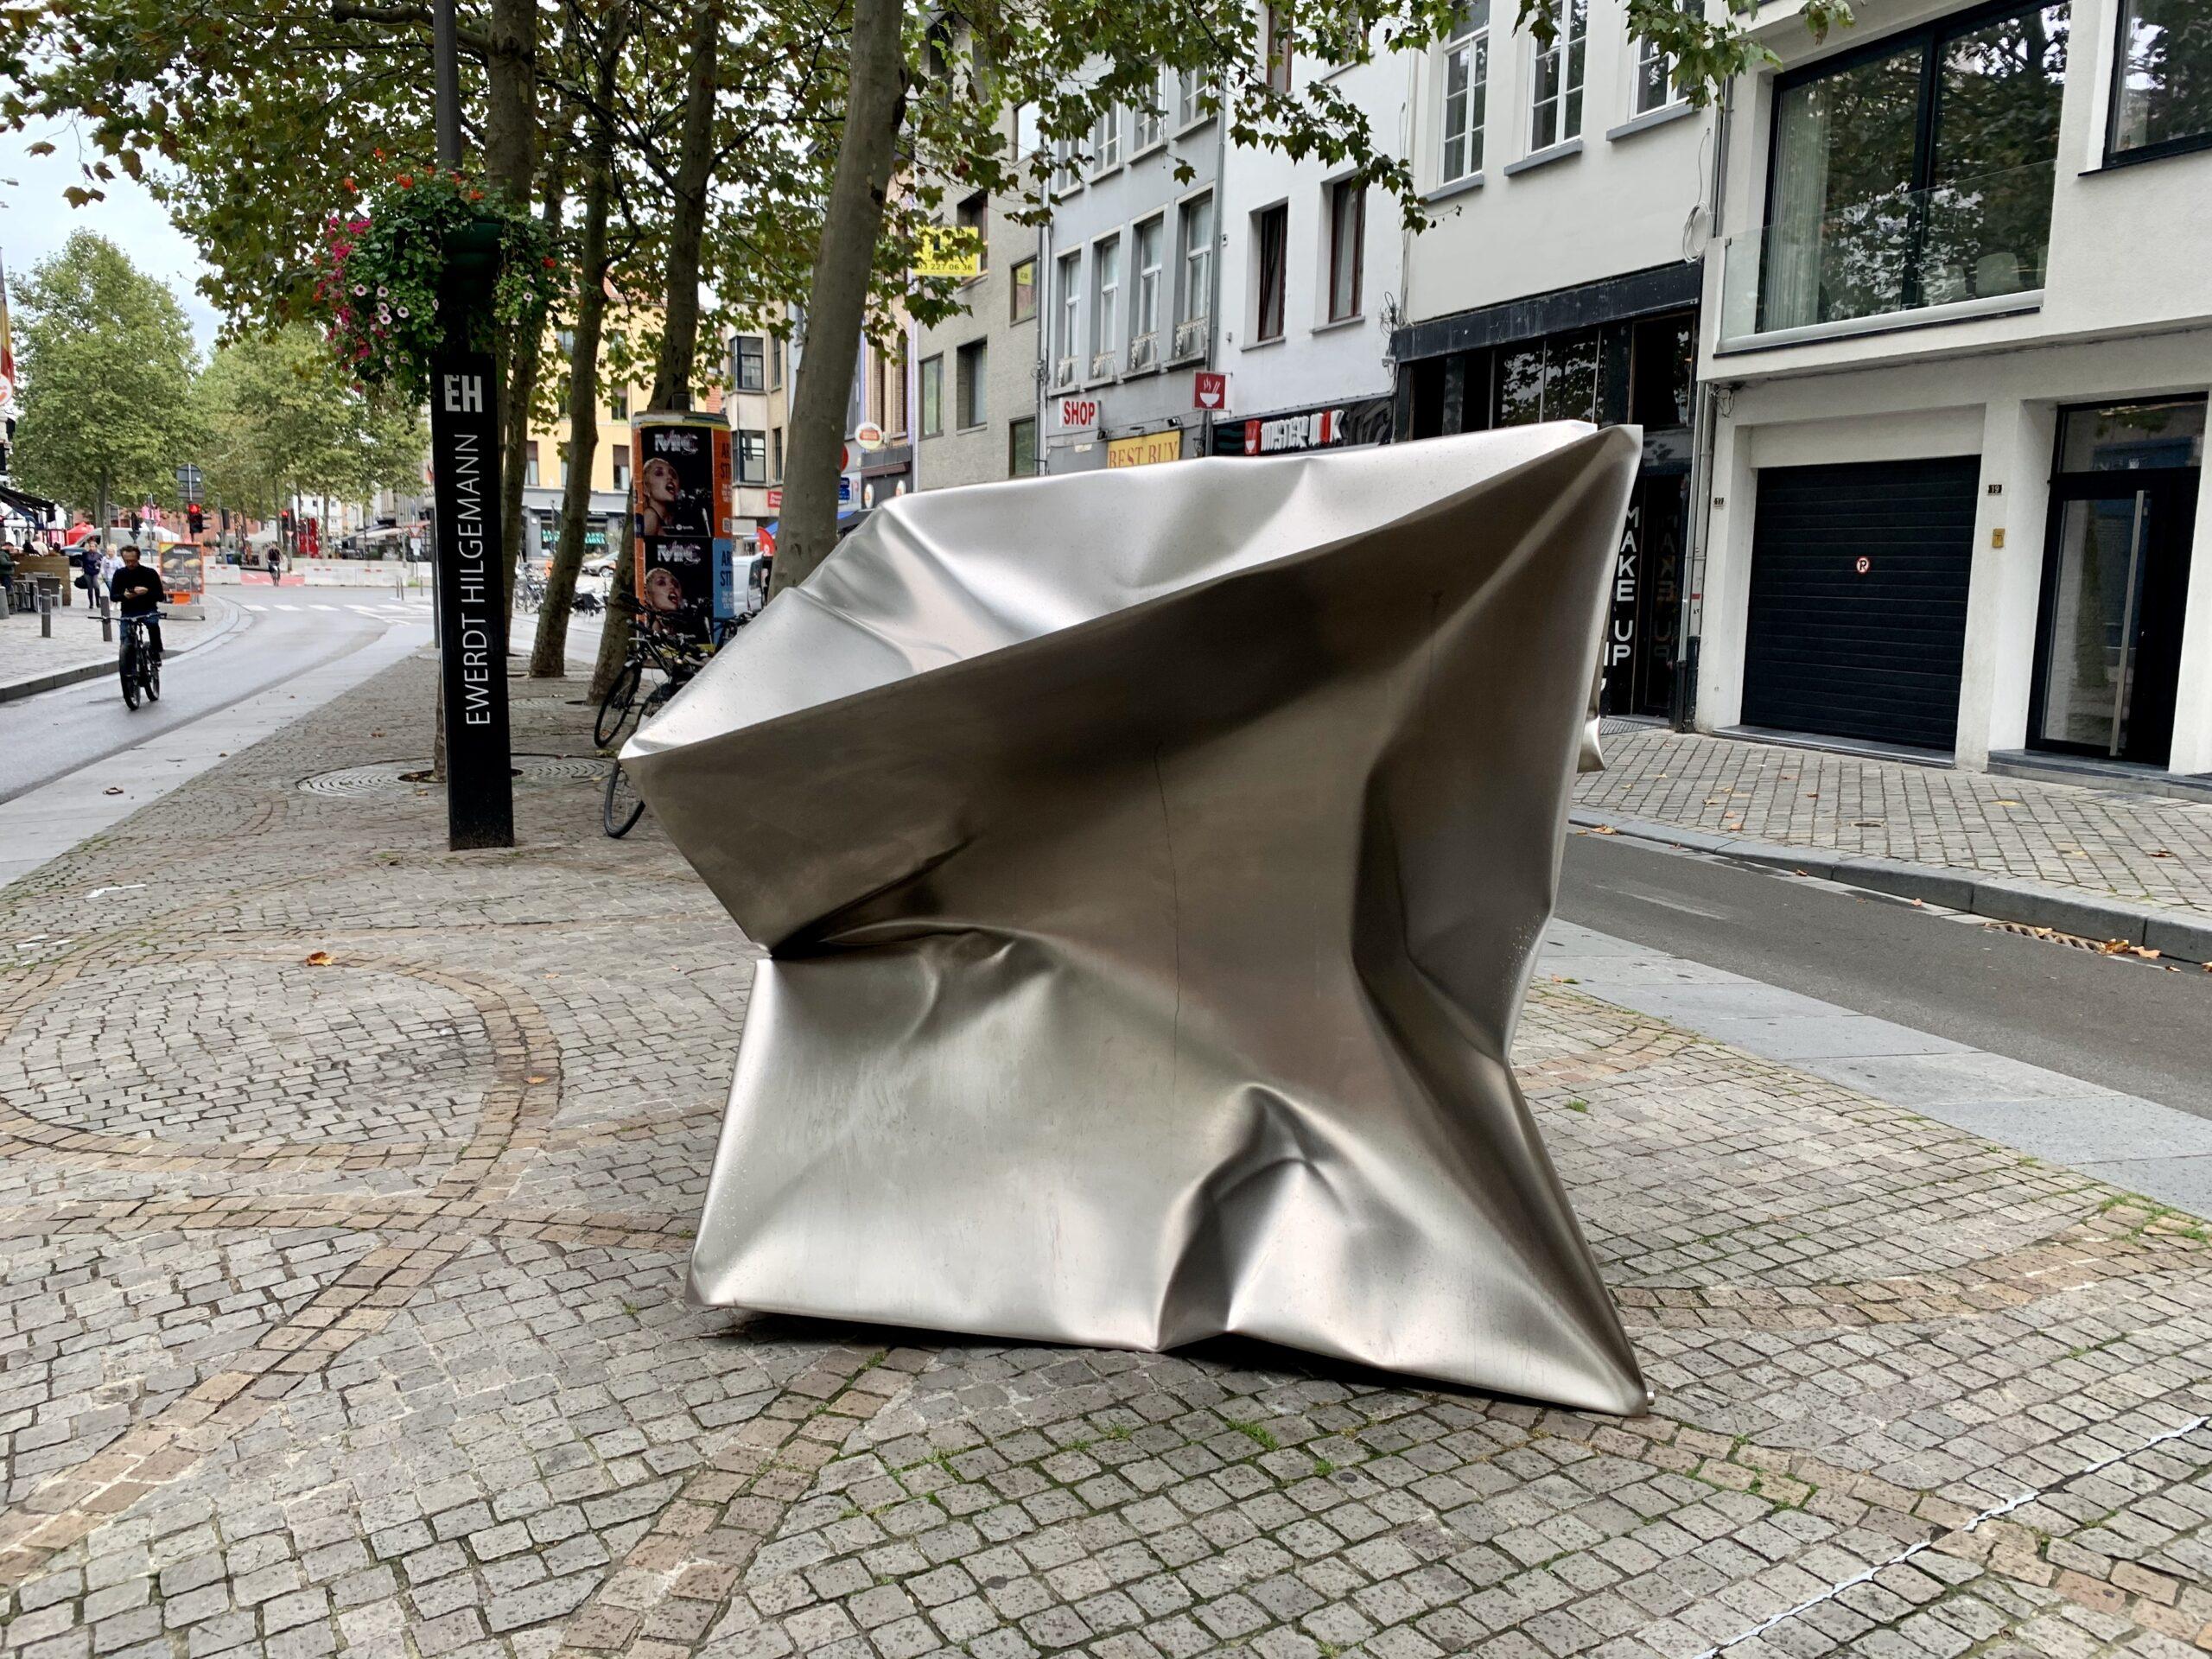 Ewerdt Hilgemann, Cube(Self), 2020